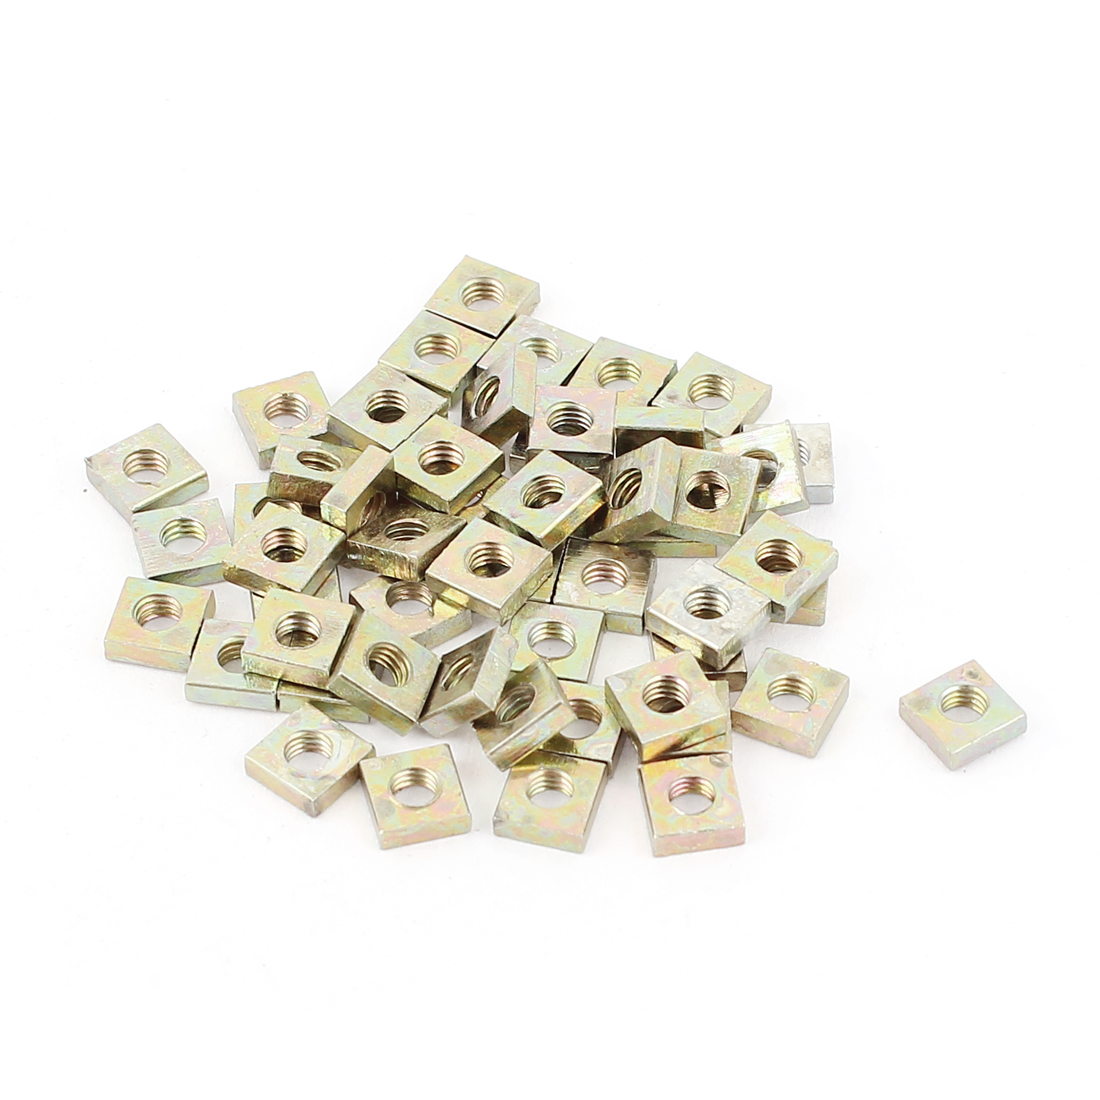 M3x5.5x2mm Zinc Plated Square Machine Screw Nuts Brass Tone 50Pcs